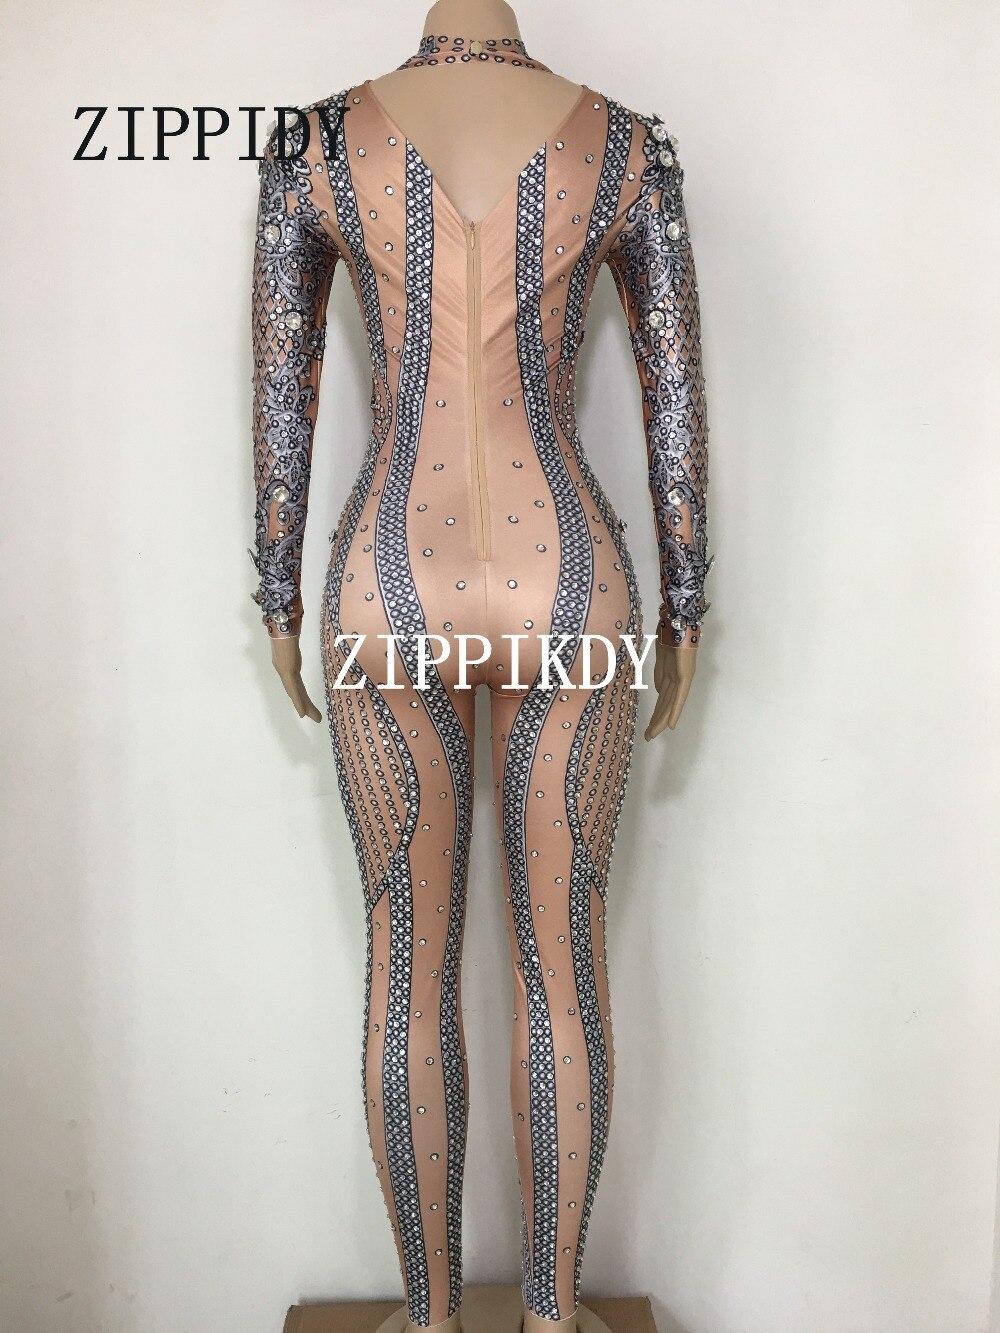 Femmes Scintillant Luxueux Célébrer Parti Mode Pic Salopette Vêtements Body Costume Color Danse De Strass Performance Argent wT4qa5X